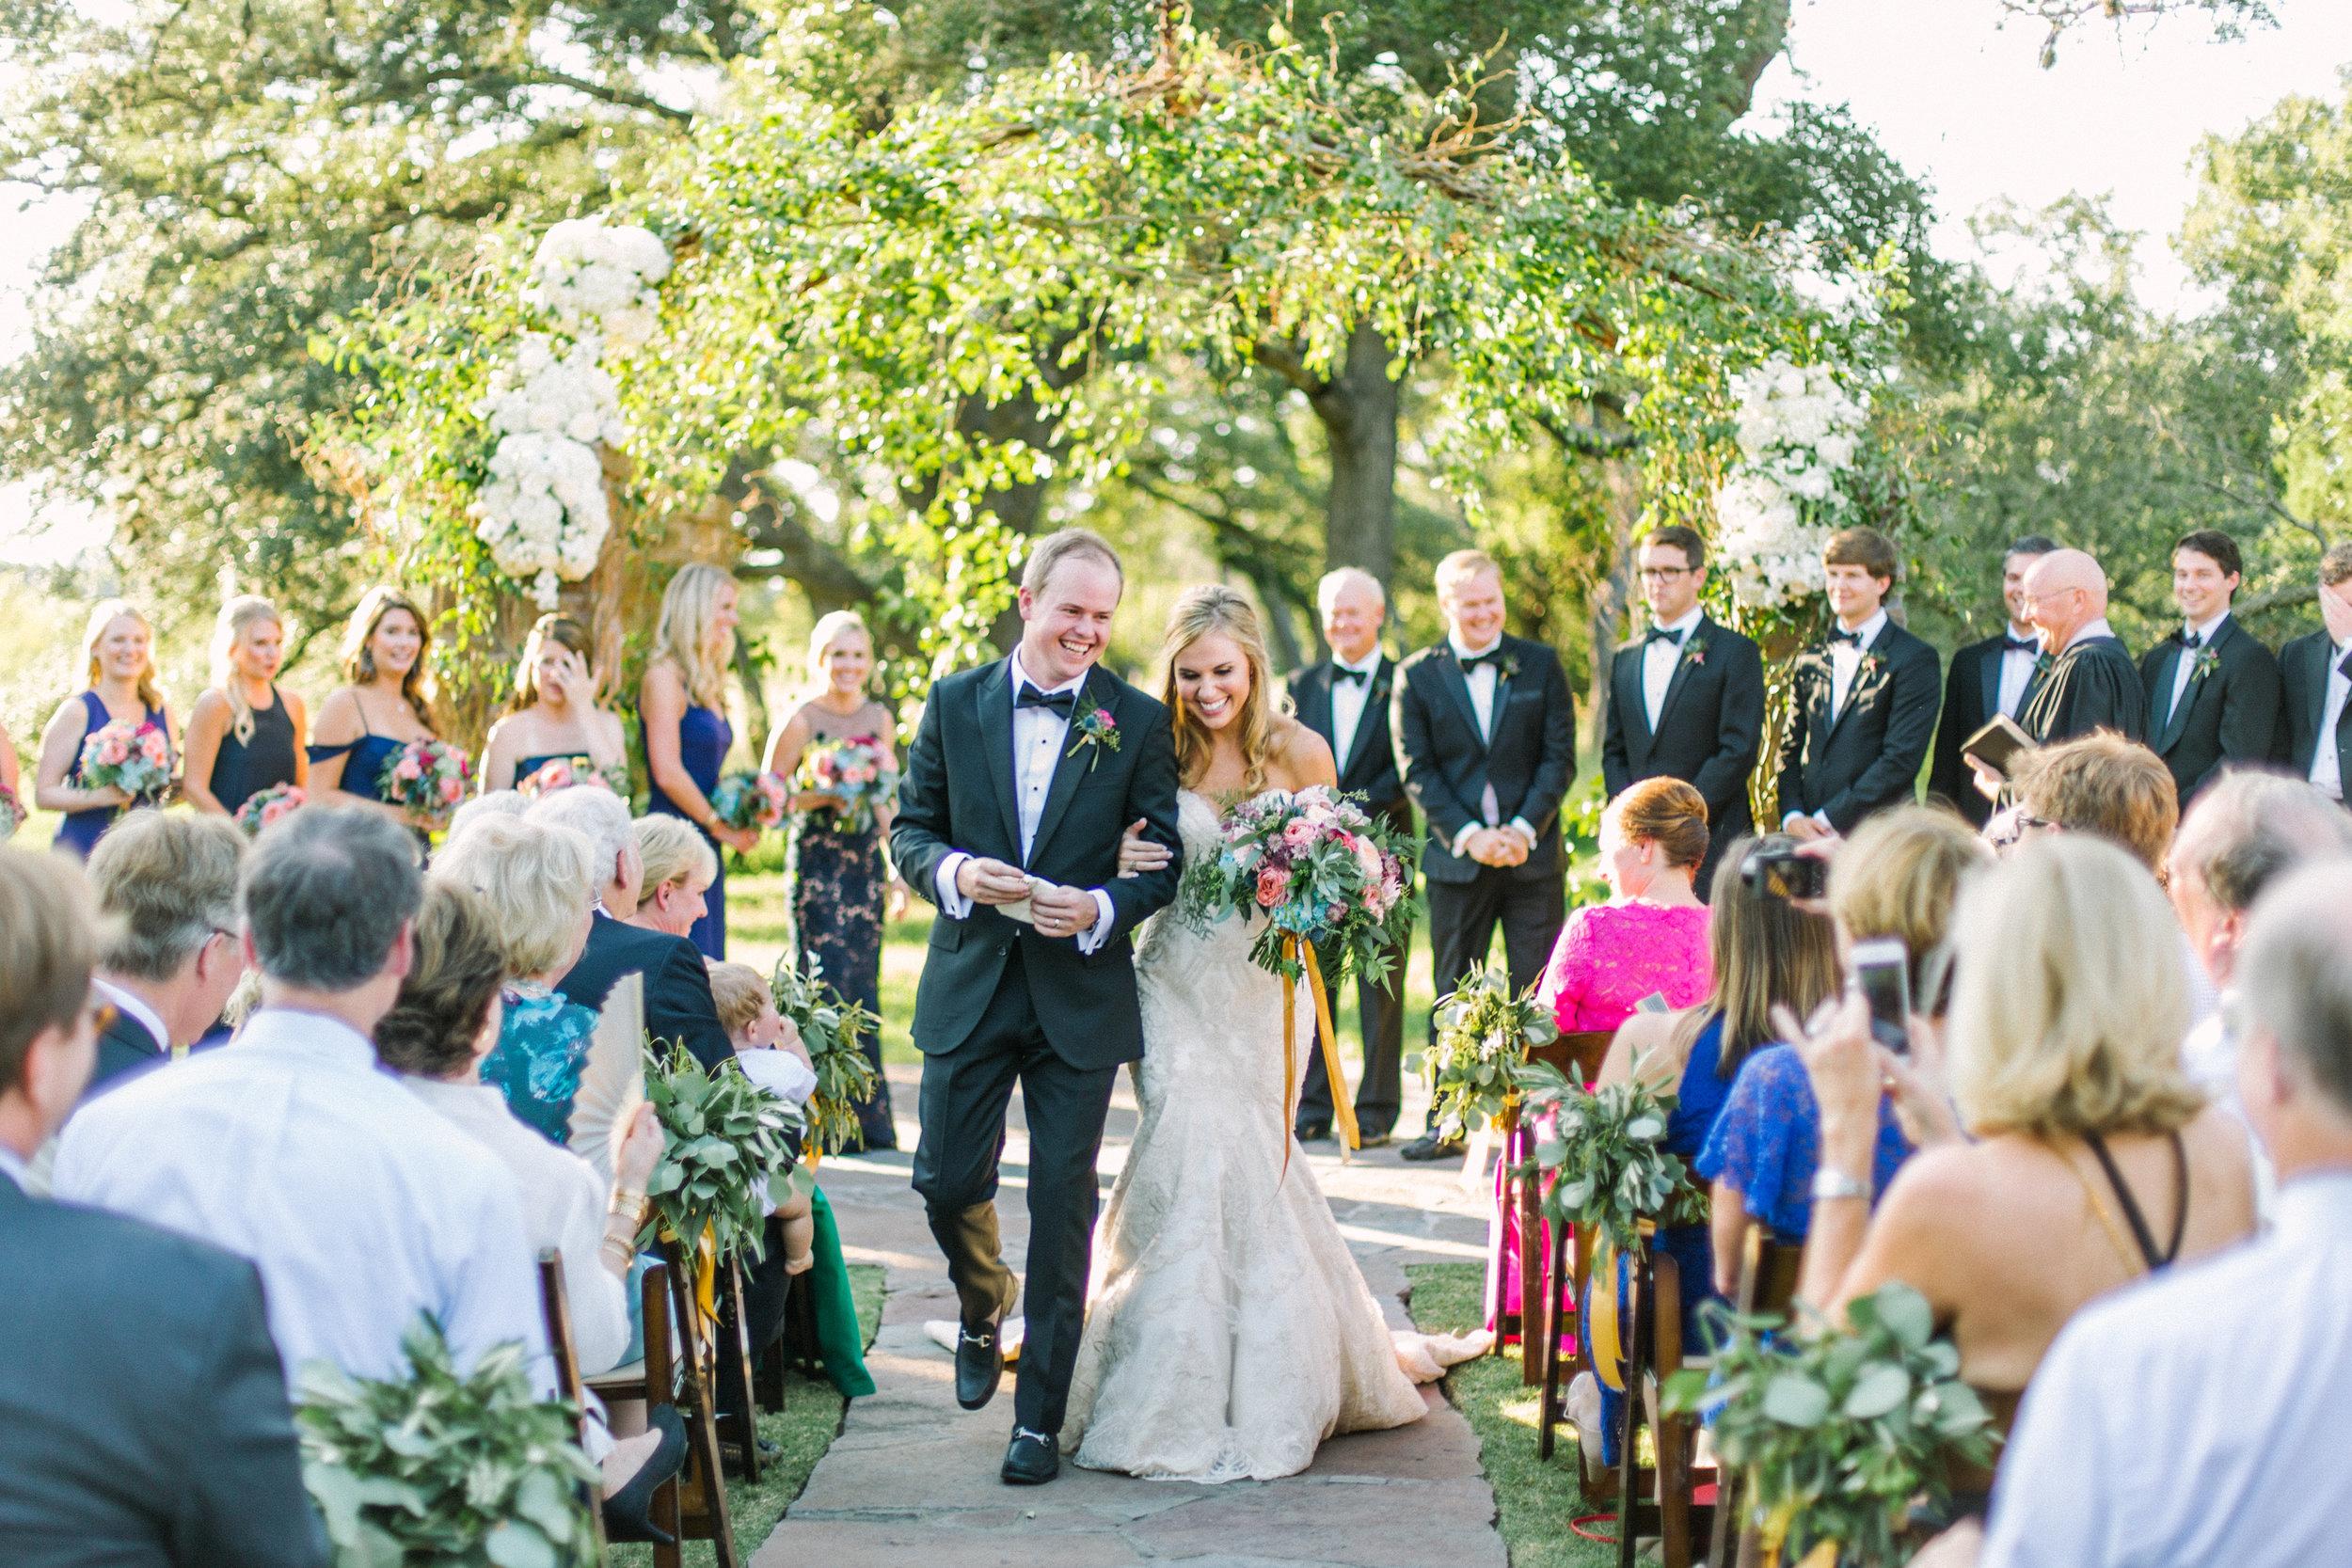 brokke-josh-wedding-562 copy.jpg